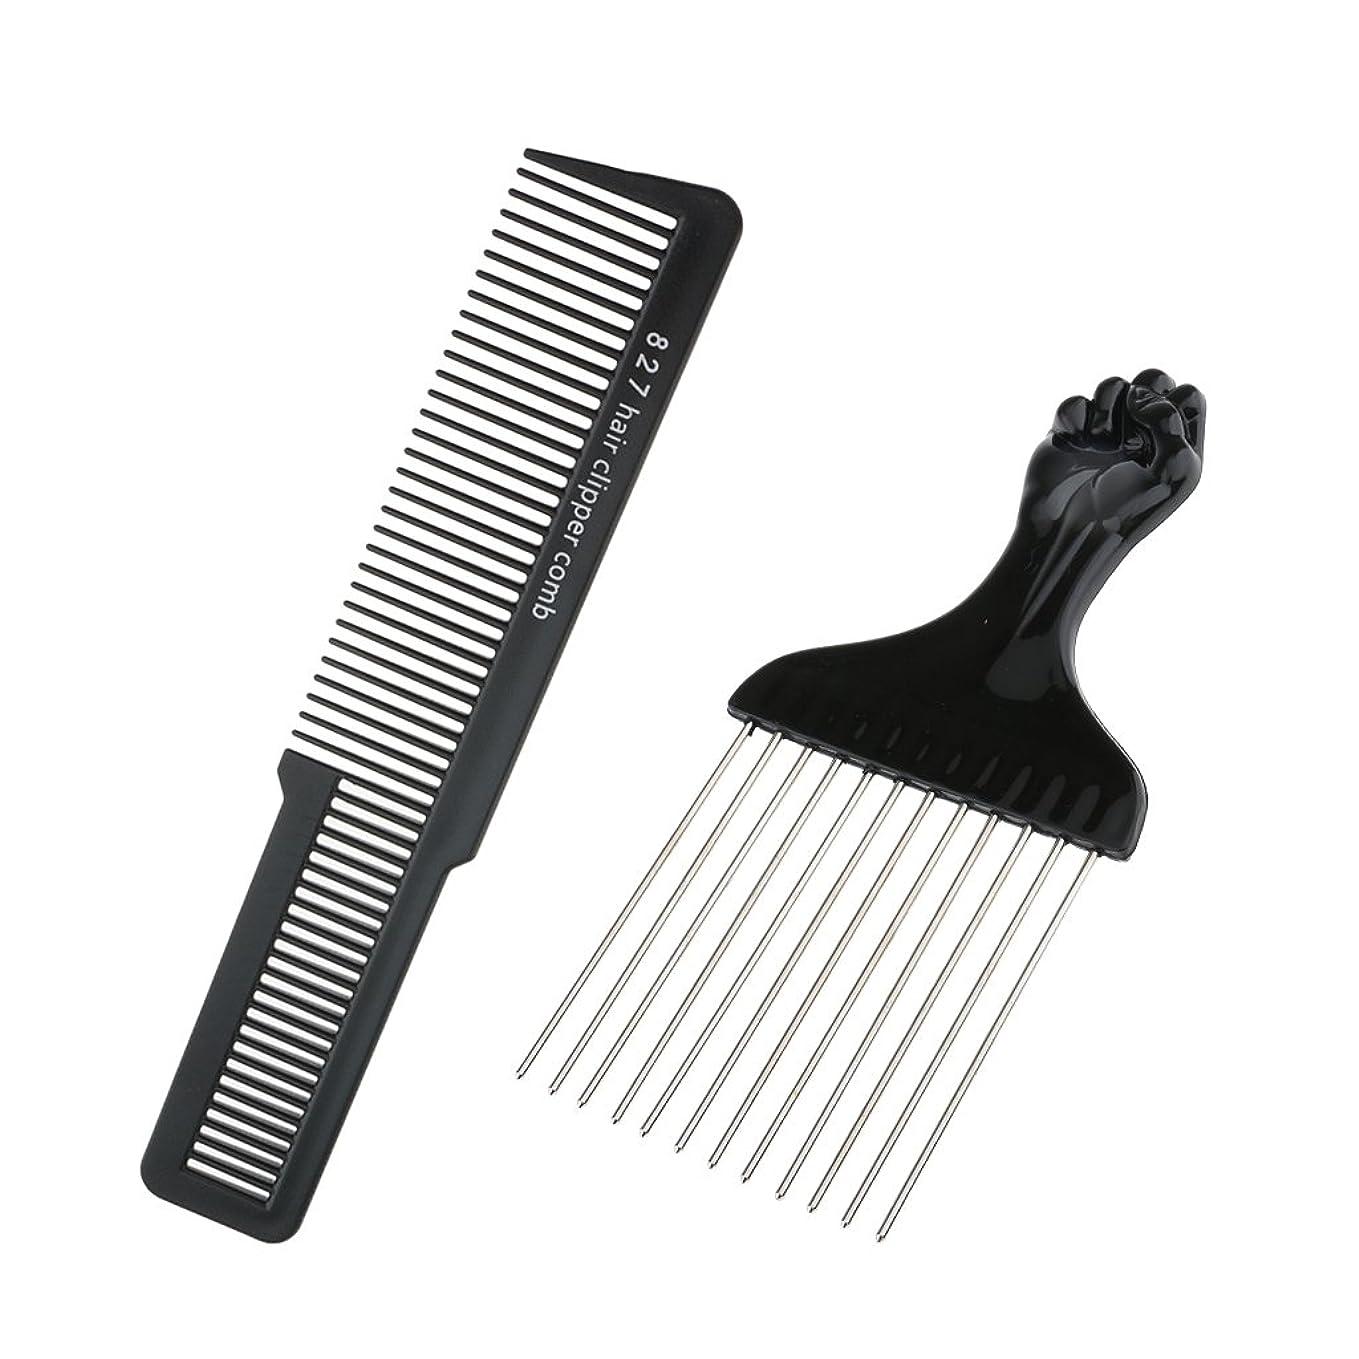 貨物前任者バスタブ美容院の理髪師のヘアスタイリングセットの毛の切断のクリッパーの櫛セットが付いている黒いステンレス鋼のアフロピックブラシ